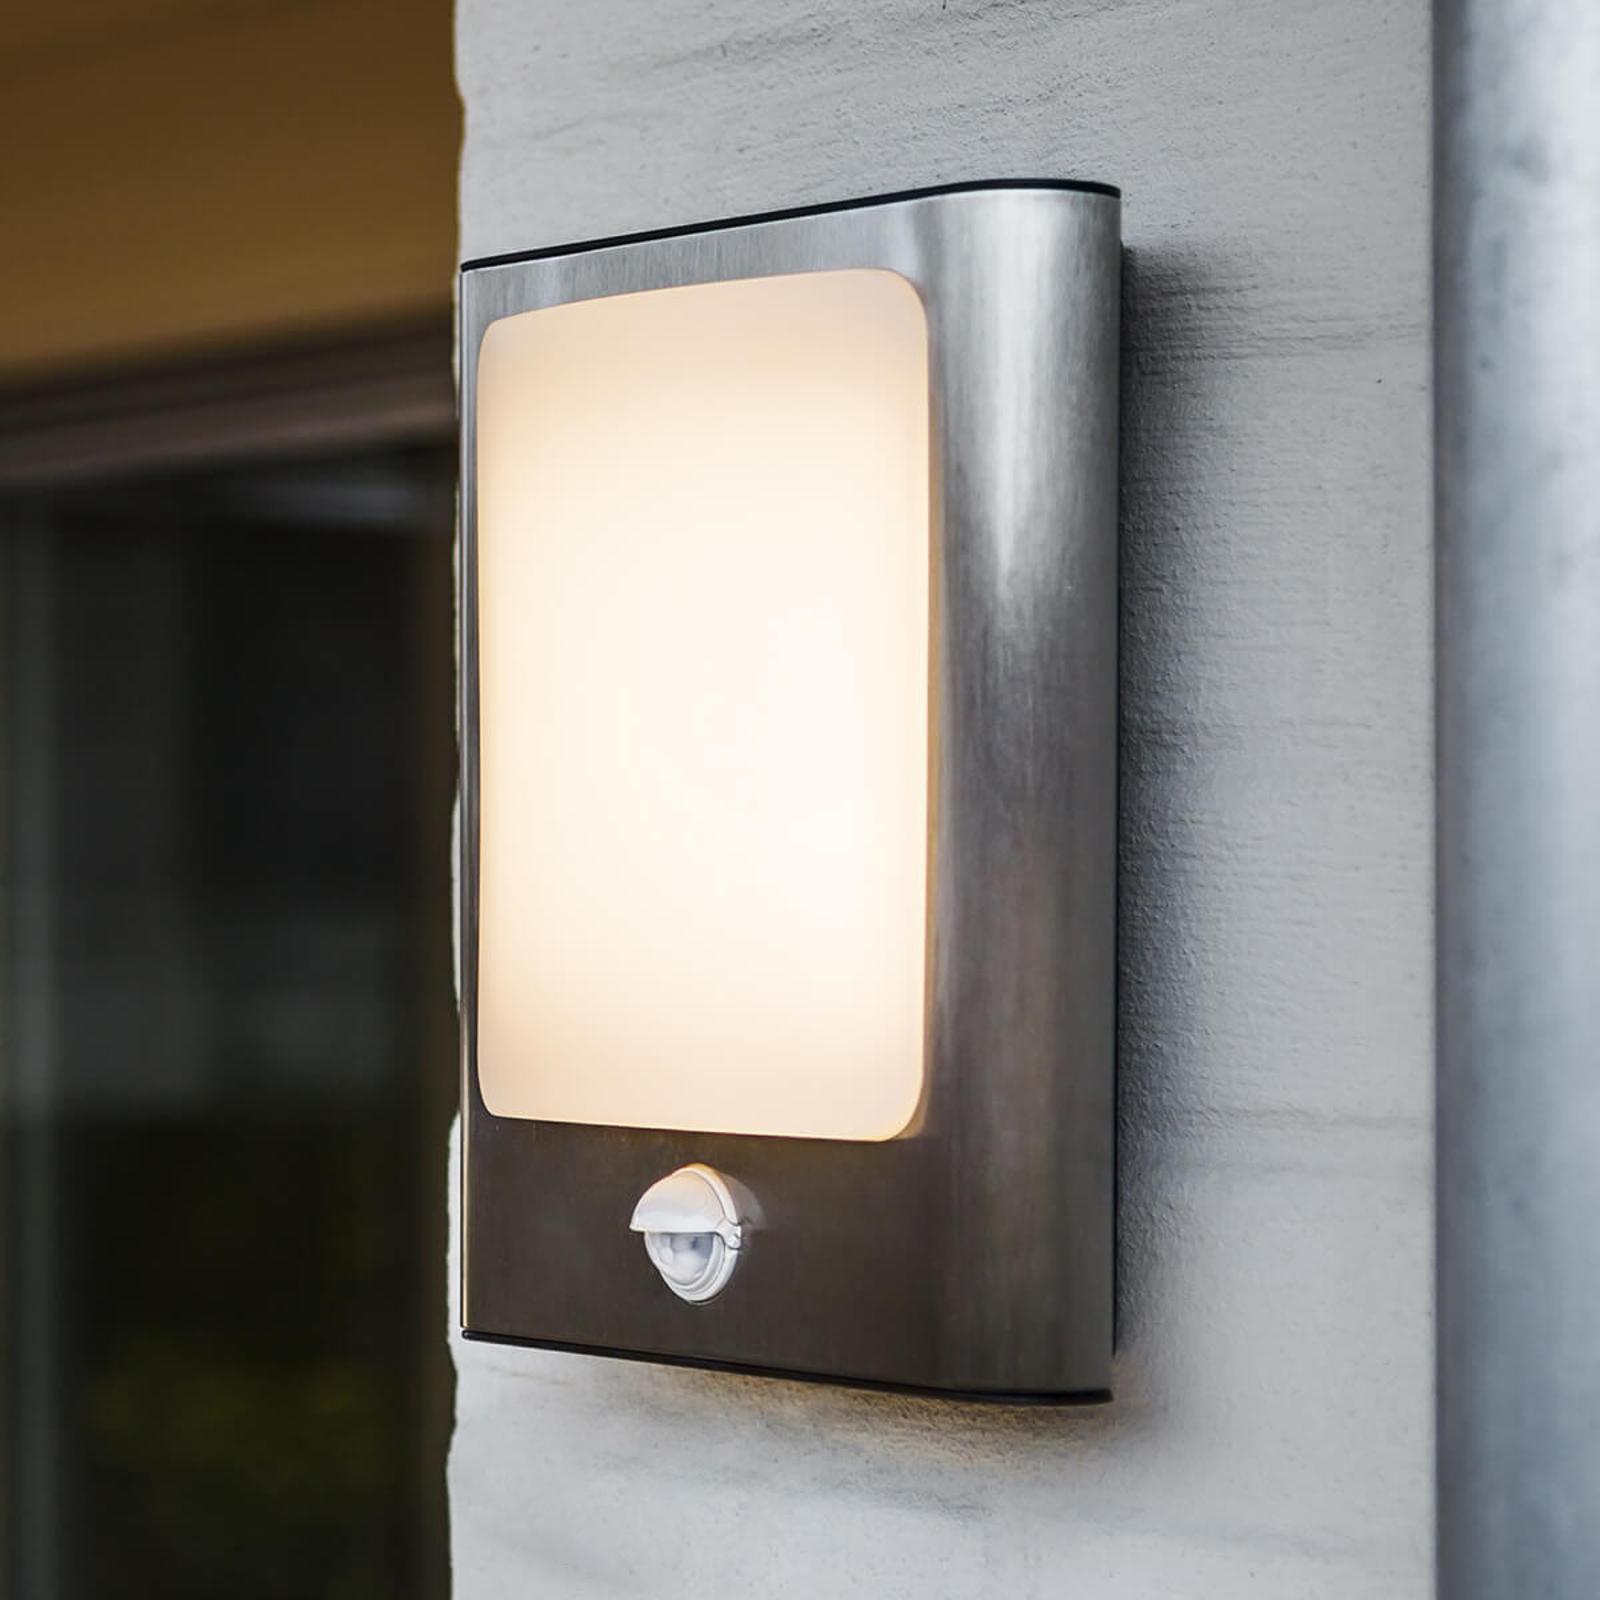 Stalowy kinkiet LED Face na zewnątrz, z czujnikiem